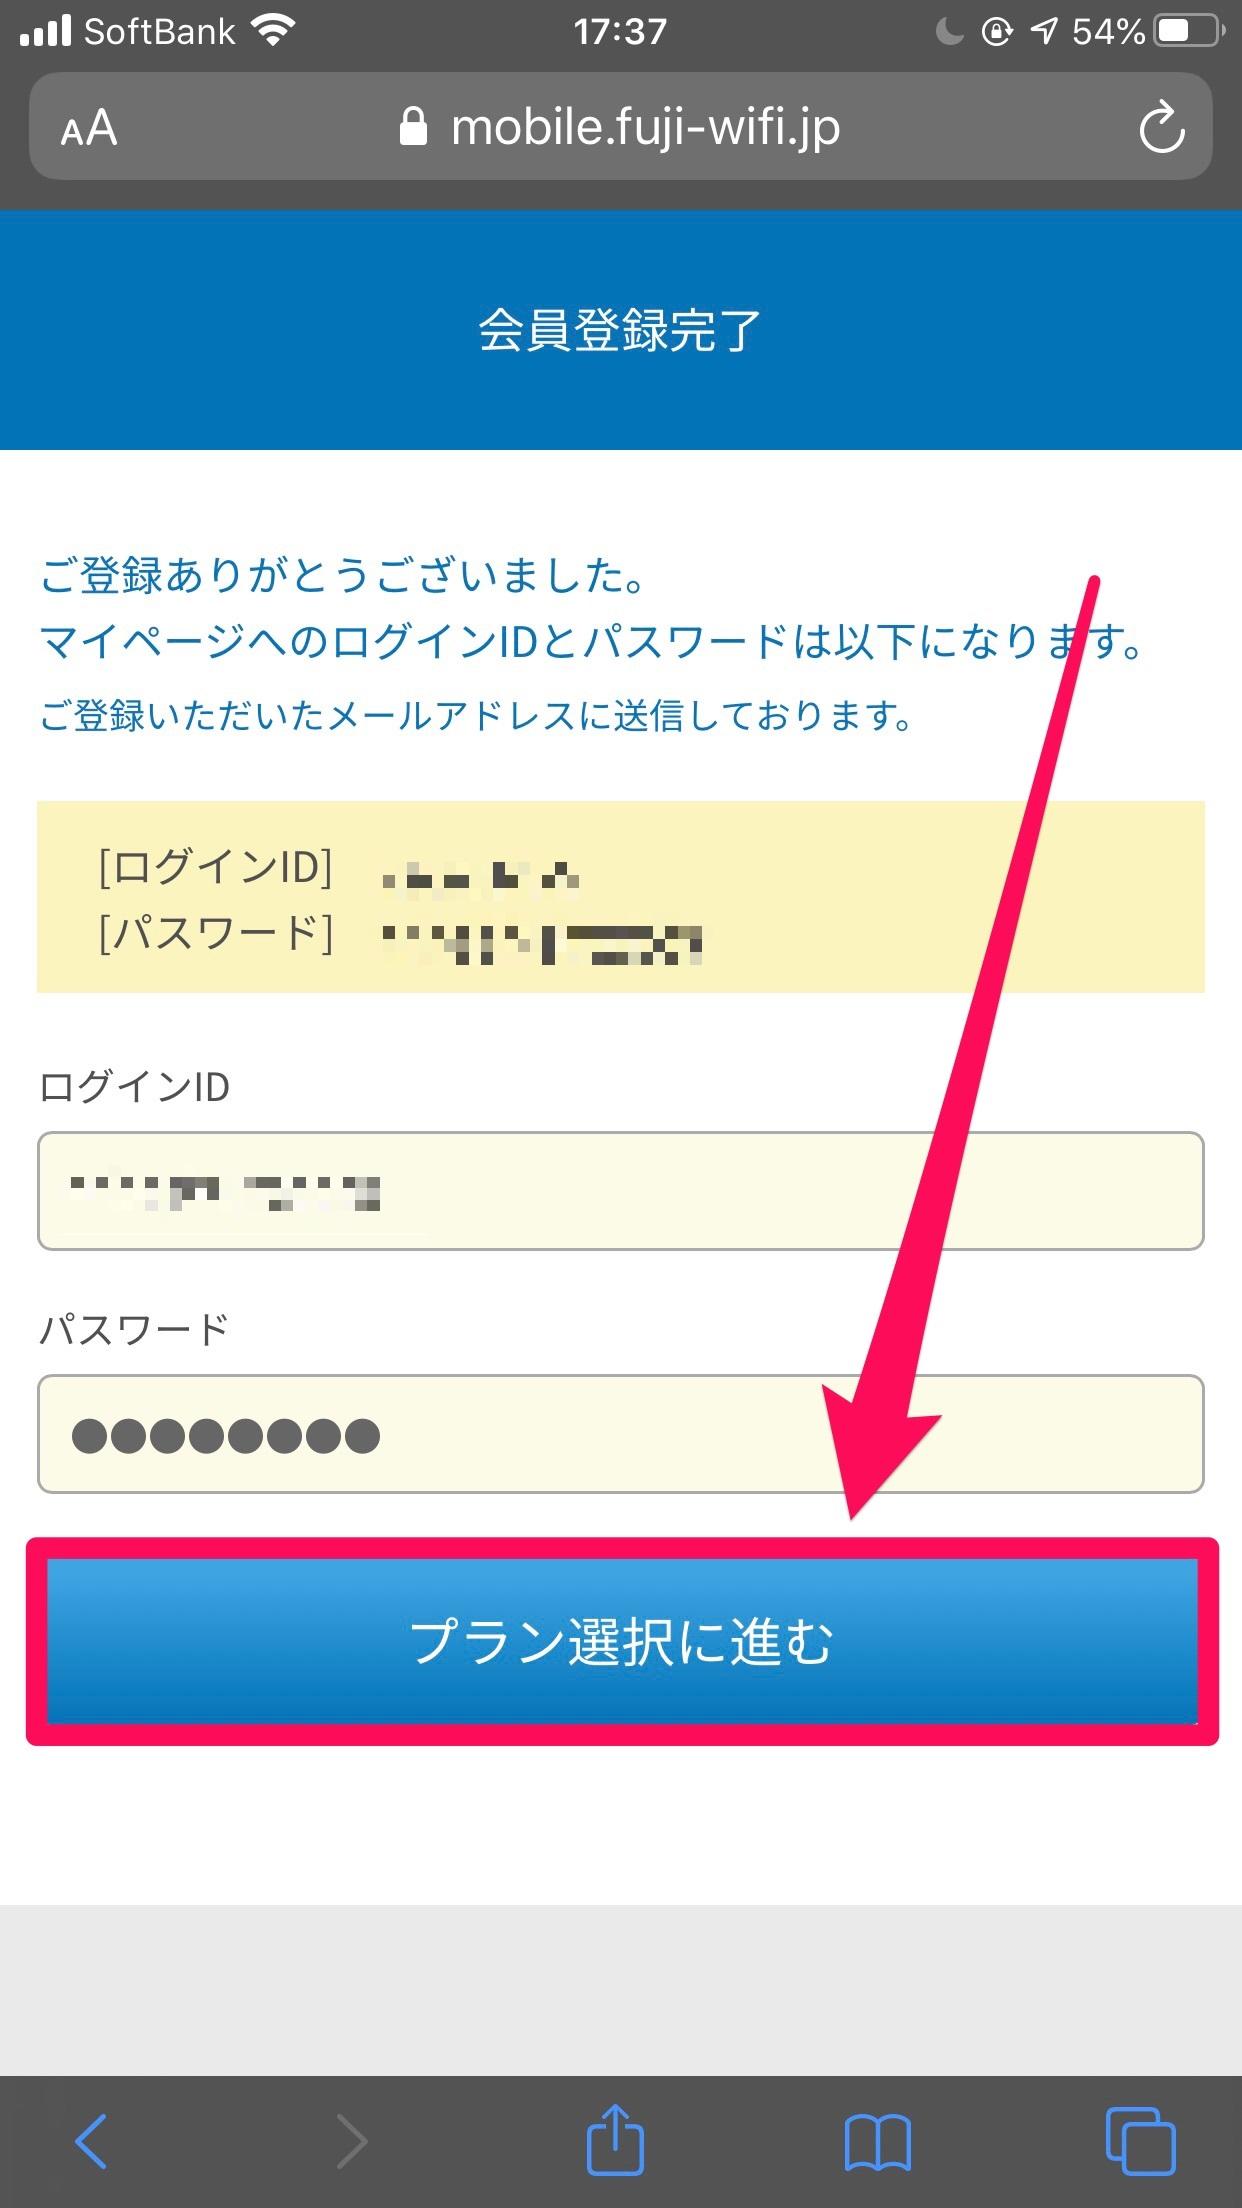 FUJI Wifi申し込み手順6